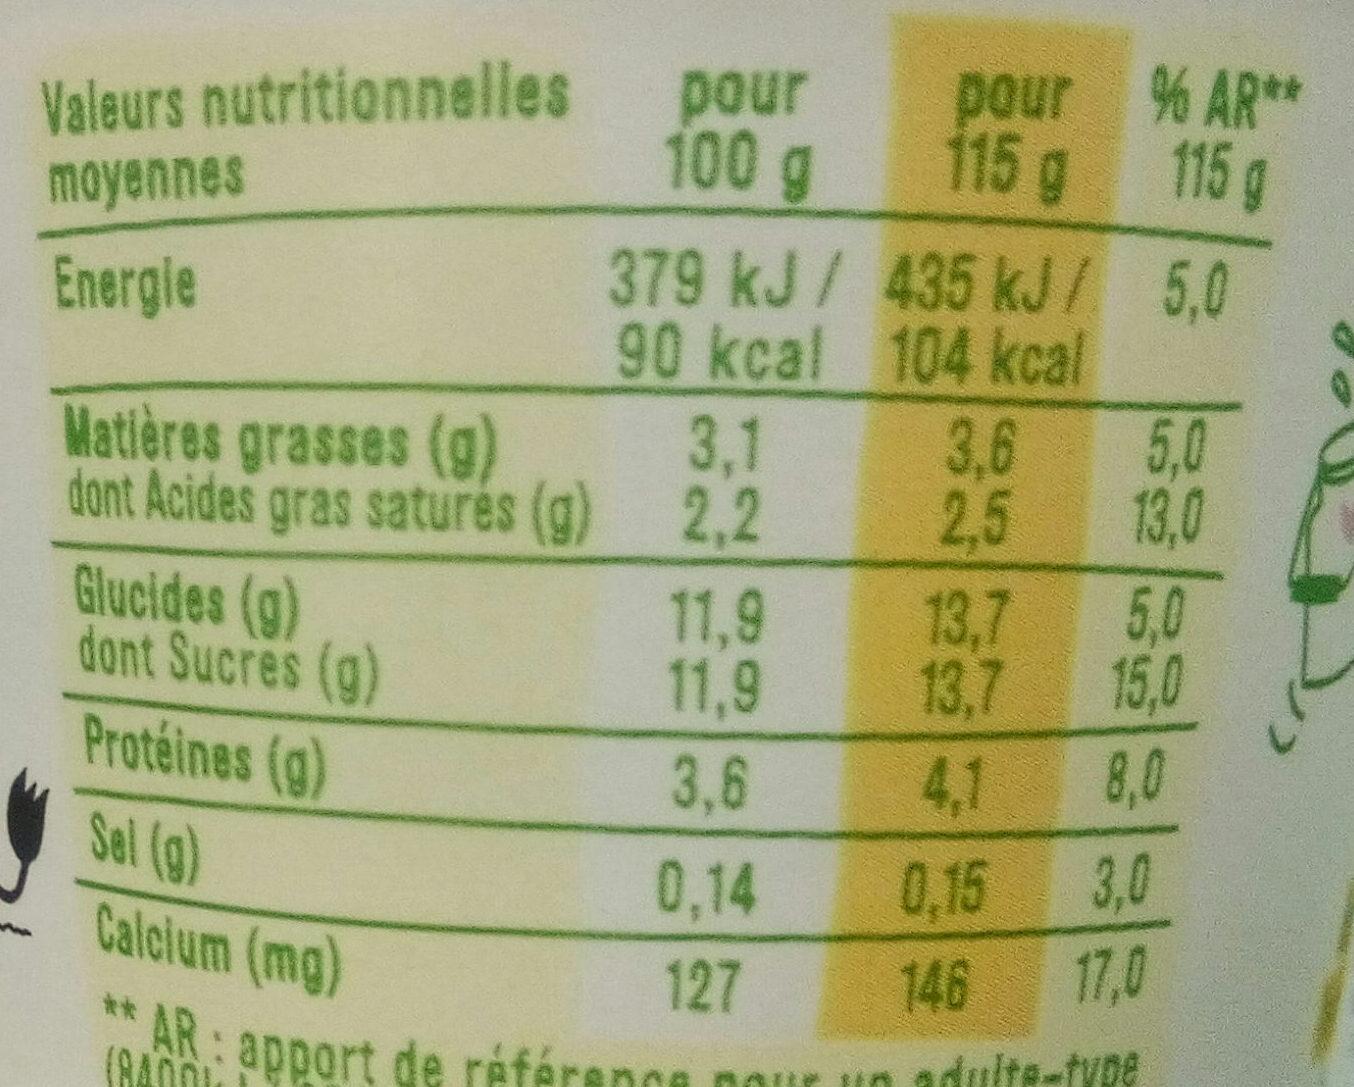 Les 2 vaches au jus de citron - Informations nutritionnelles